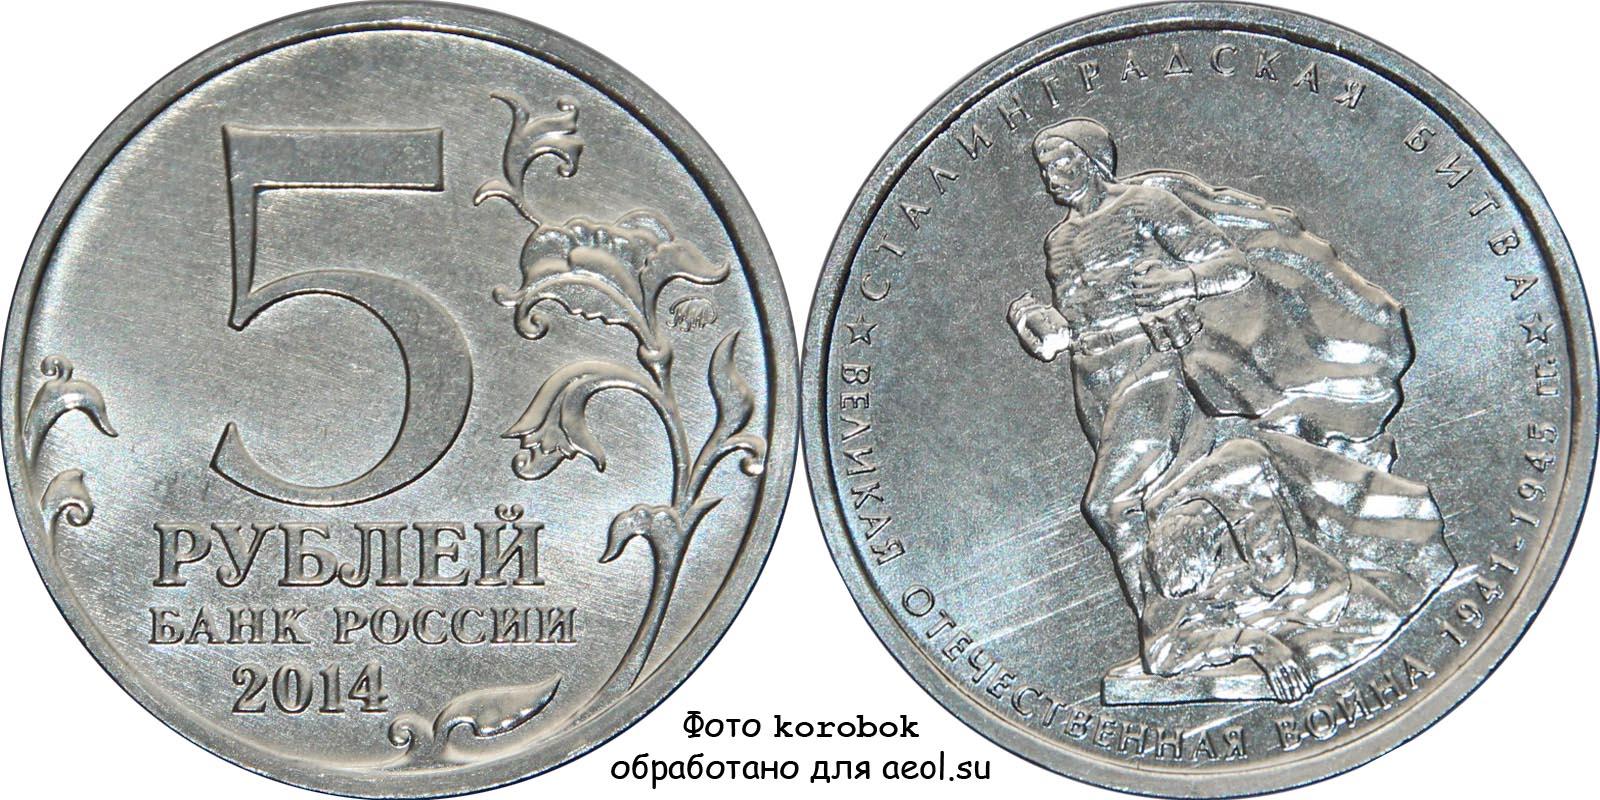 Рублей 2014 года - Монеты России